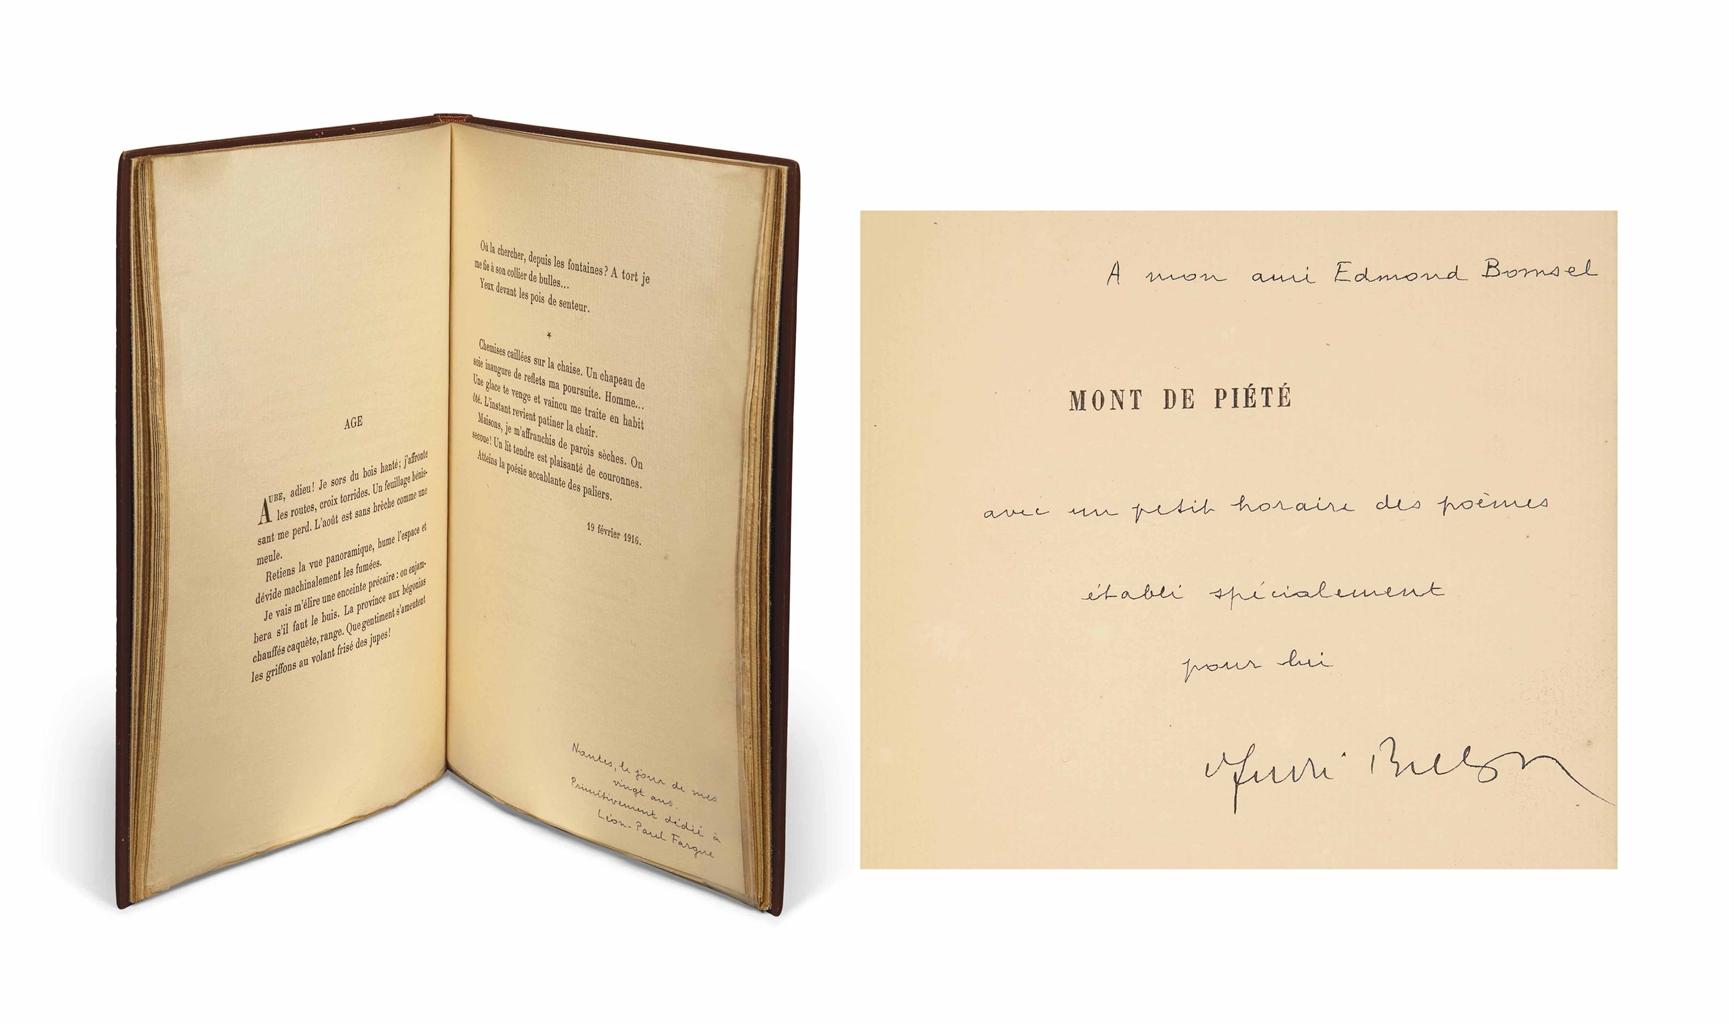 [DERAIN] -- André BRETON (1896-1966). Mont de piété (1913-1919). Paris: Au sans pareil, 10 juin 1919. In-8 (187 x 137 mm). Vignette de titre (reprise sur la couverture) et 2 dessins à pleine page d'André Derain. Reliure signée Leroux et datée 1973, maroquin noisette chagriné, dos lisse, doublure de box marron glacé, gardes de daim chamois, tranches dorées, couverture et dos, étui.